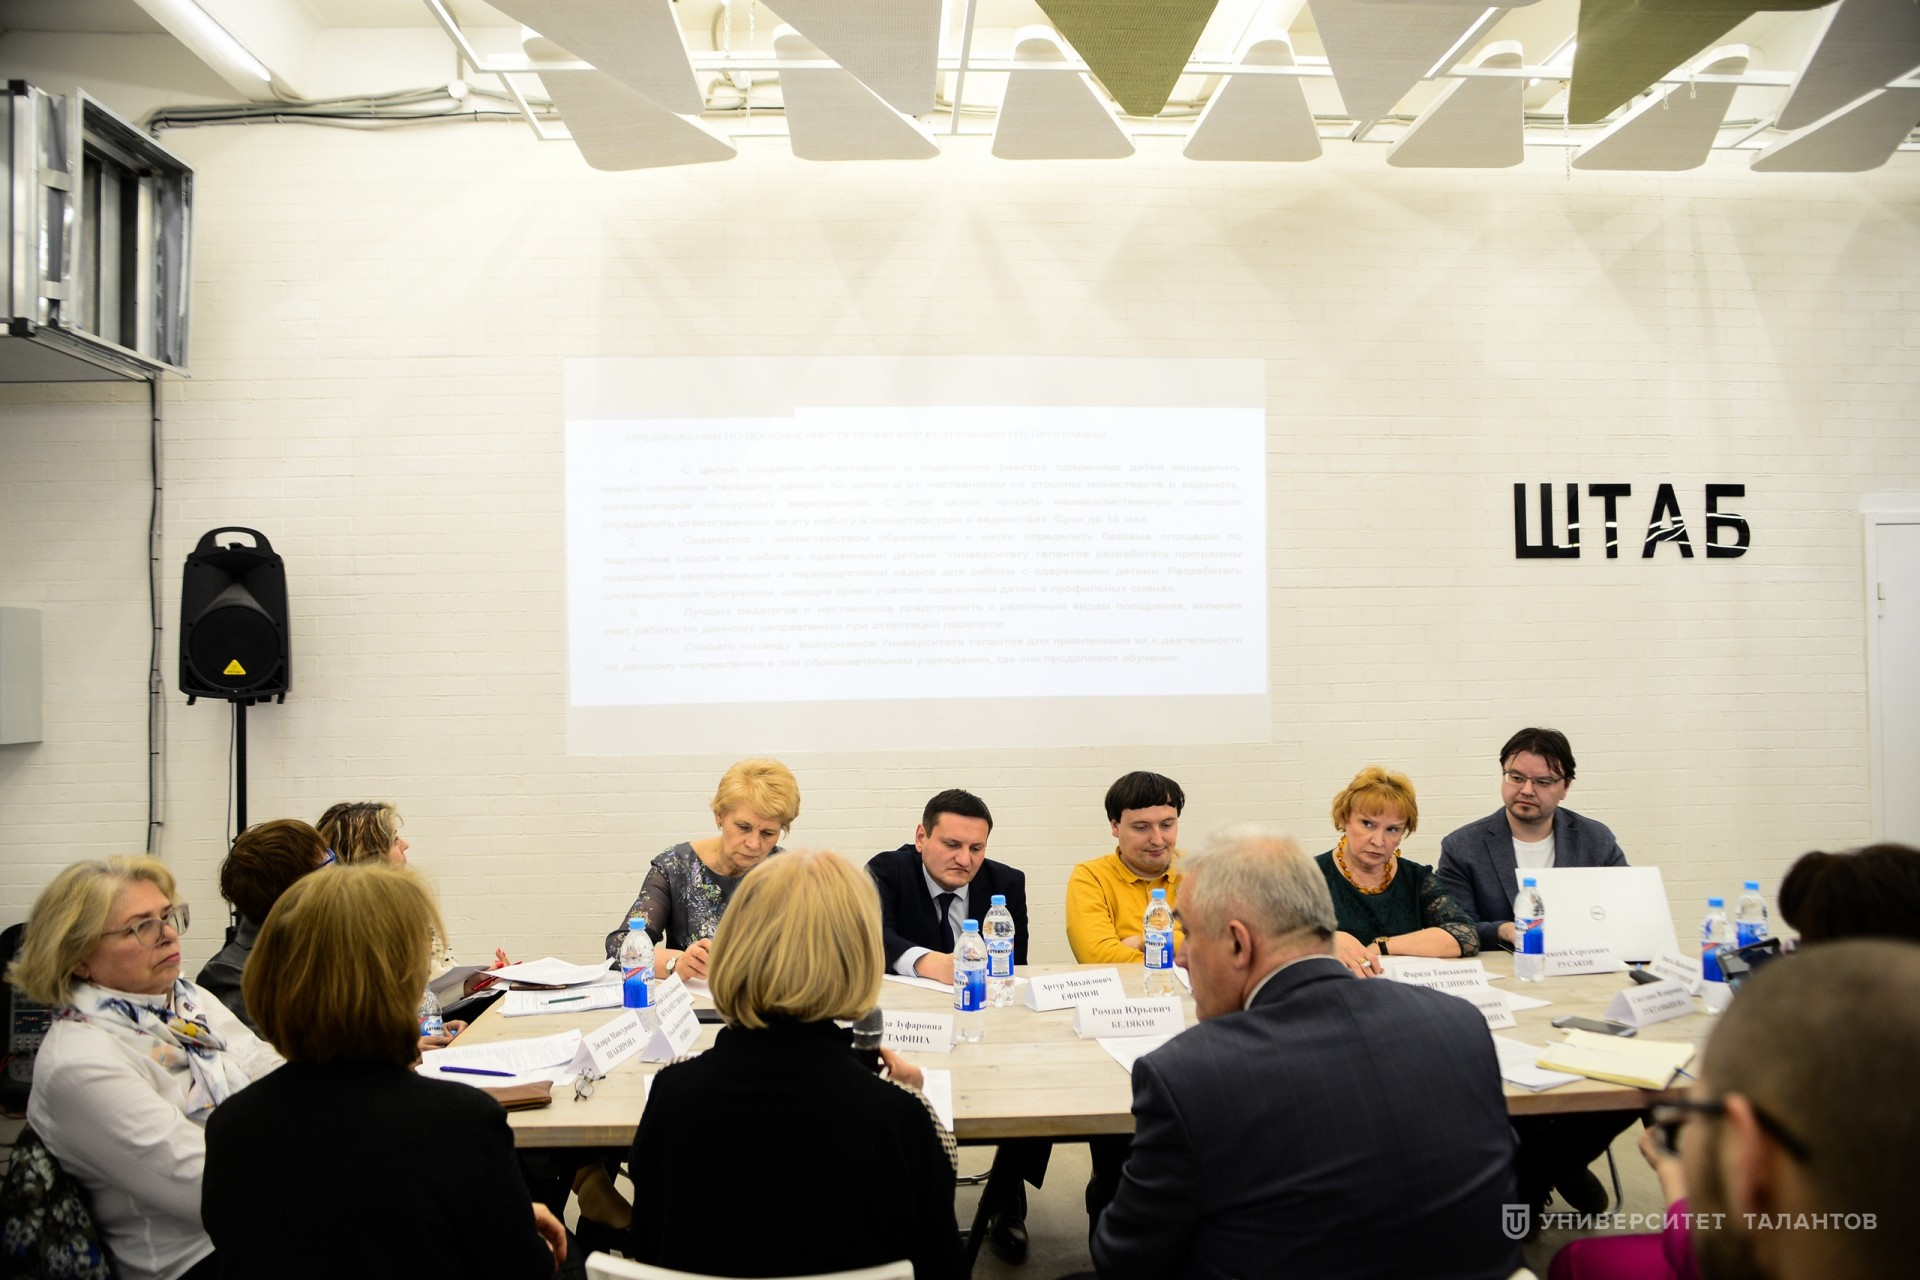 Эксперты НЭСа обсудили создание команды выпускников Университета Талантов, реализацию новых площадок по подготовке кадров и разработку системы поощрений лучших наставников